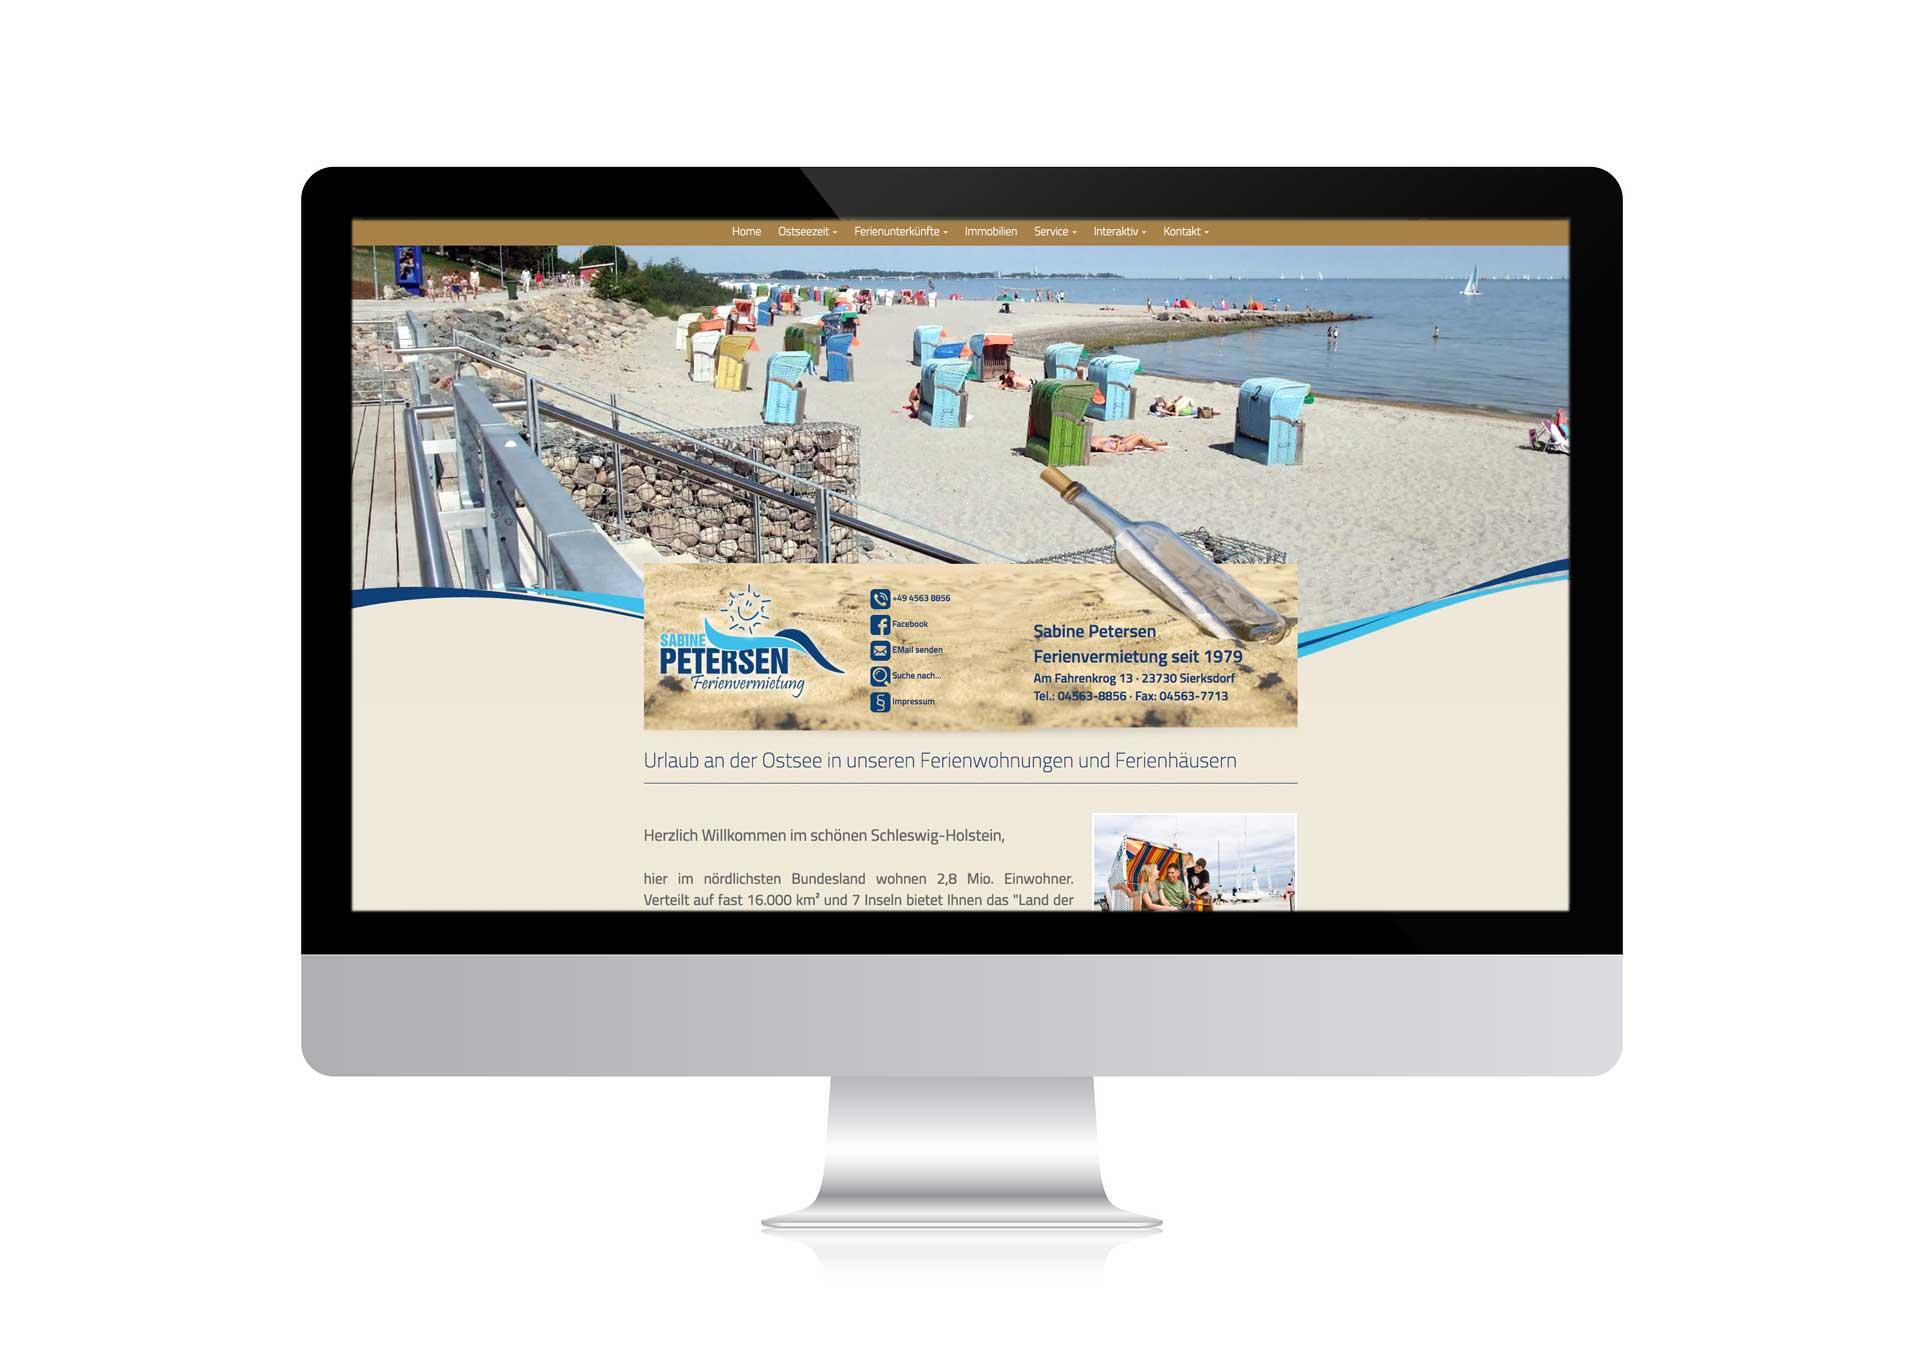 webdesign für Sabine Petersen Ferienvermietung